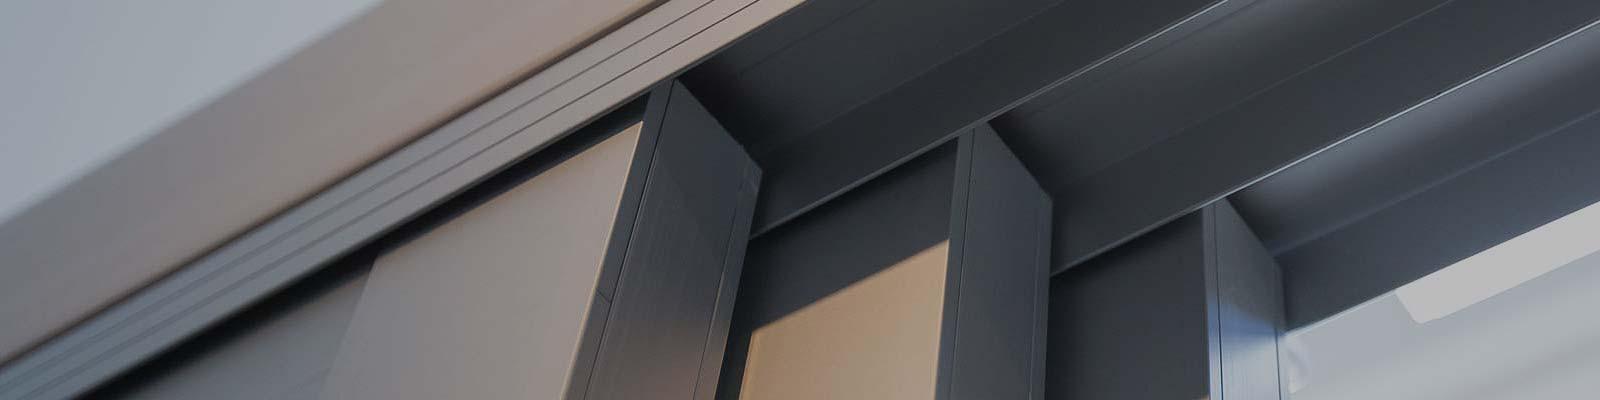 Wardrobes & Kitchens Builder Sydney | Wardrobe Renovation